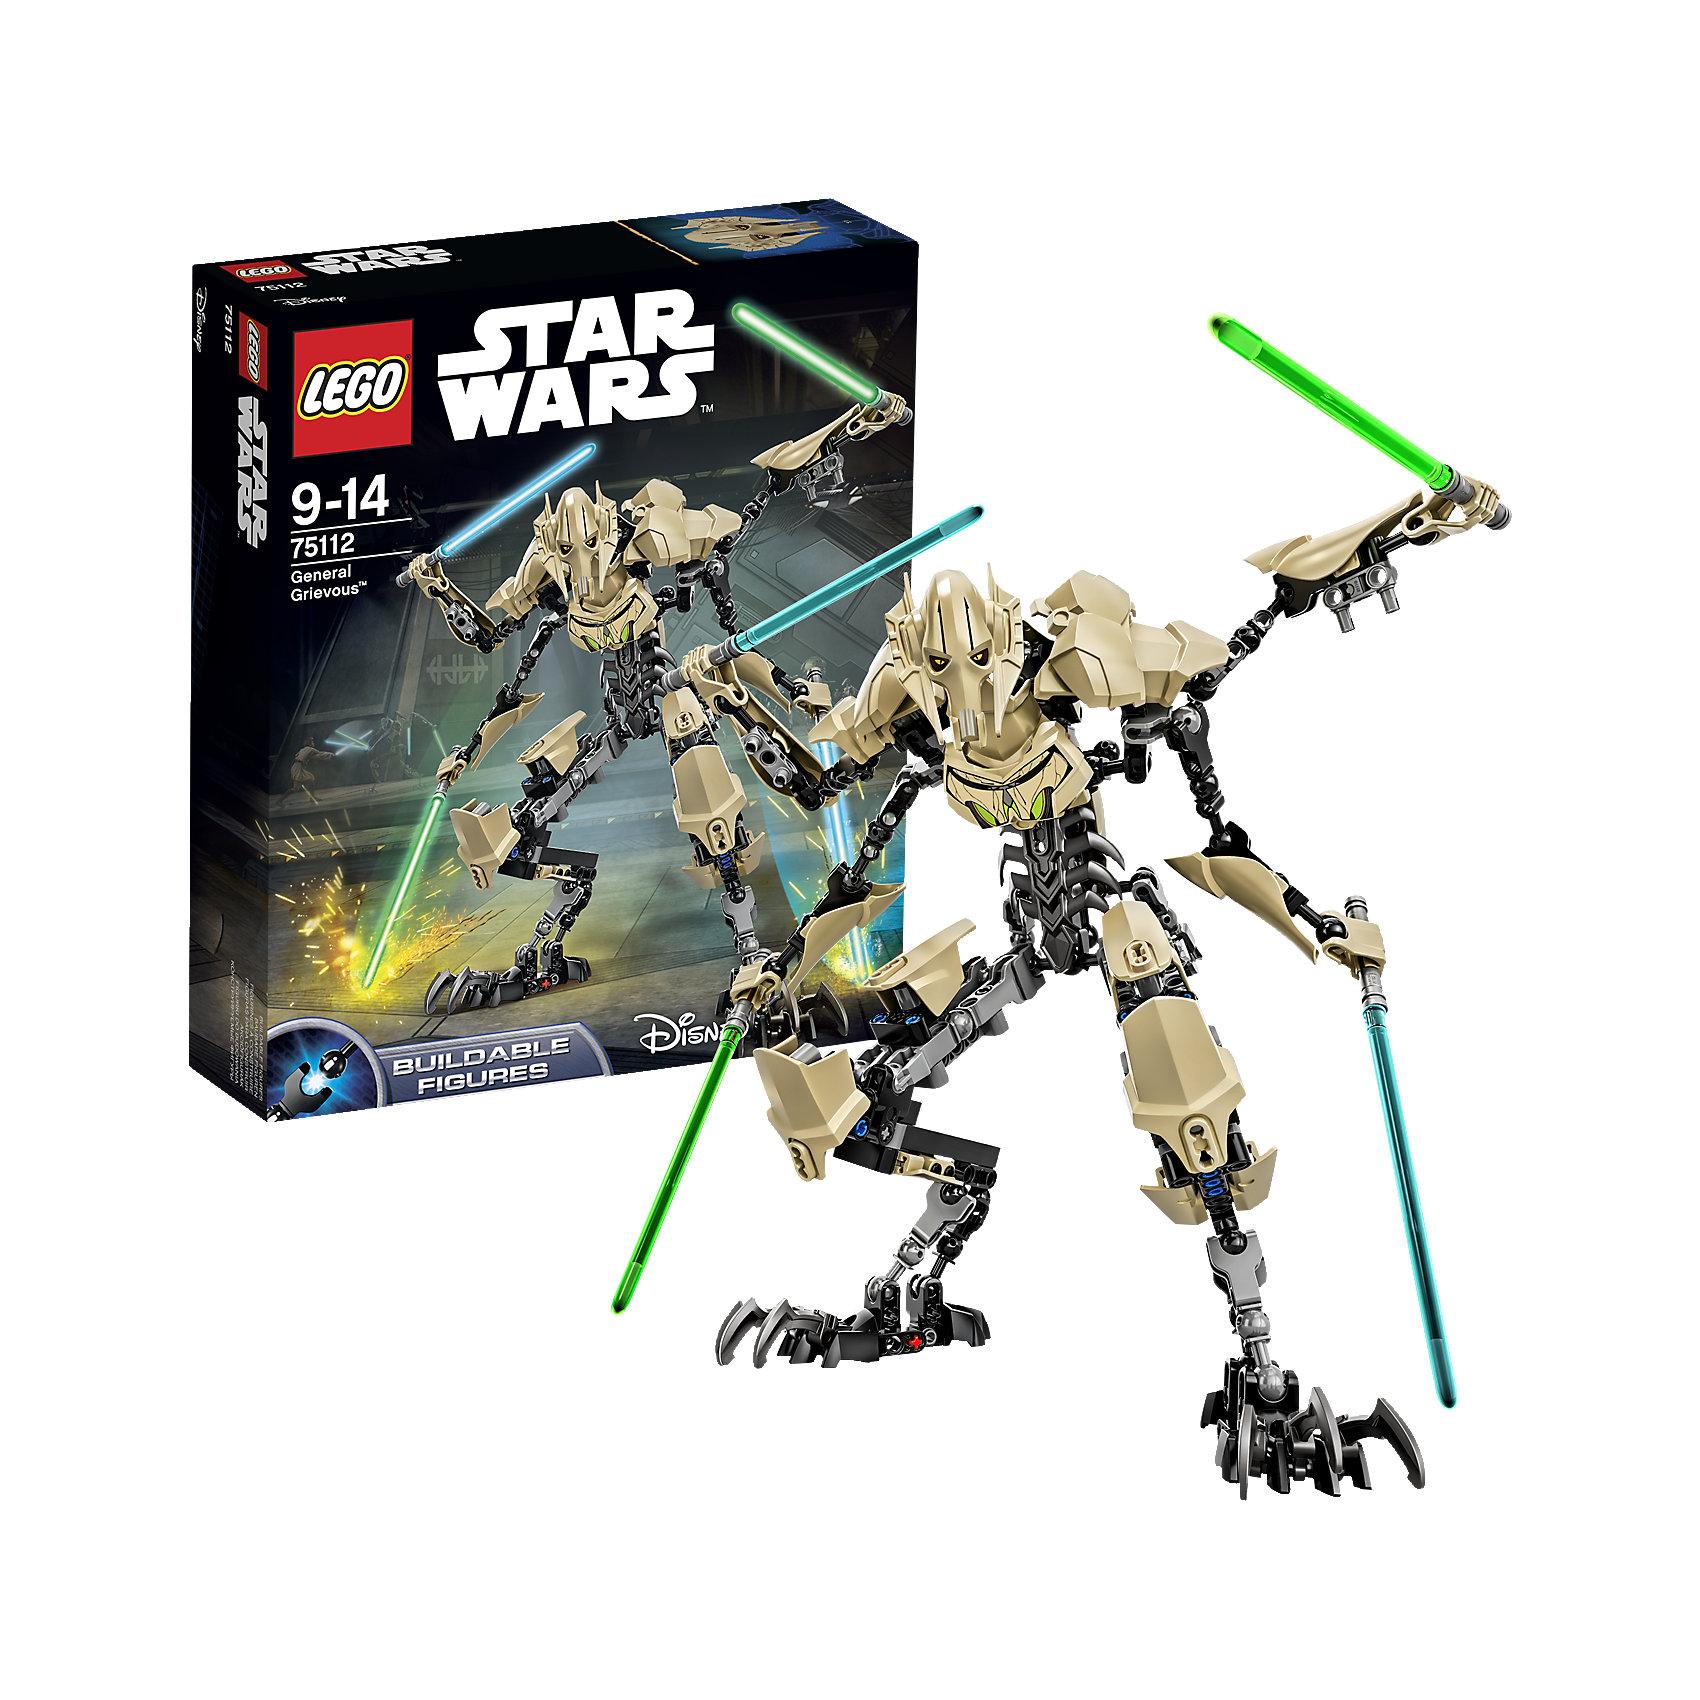 LEGO Star Wars 75112: Генерал ГривусКонструктор LEGO Star Wars (ЛЕГО Звездные войны) 75112: Constraction 6 - это набор с помощью которого Вы с легкостью соберете подвижную фигурку Генерала Гривуса. Фигурка имеет не только игровую, но и коллекционную ценность. Генерал Гривус был прекрасным воином, который не знал, что такое жалость. Его великие атаки наводили страх на республиканцев. Тело Гривуса заключено в специальный каркас, который он тоже использует как оружие. На лице его красуется маска похожая на череп. Уникальные руки Генерала разделяются на части и в каждую он мог взять световой меч и раскрутить их создавай смертоносный вихрь. Собери все фигурки и разыграй знаменитые сцены из саги или почувствуй себя сценаристом и создай собственную историю знаменитого эпизода! Подключайте фантазию и Вам никогда не будет скучно в компании LEGO (ЛЕГО)! <br><br>LEGO Star Wars (ЛЕГО Звездные войны) – это тематическая серия детских развивающих конструкторов по мотивам приключенческого мультфильма 2014 года «Звездные войны: Повстанцы». Ребенок сможет часами играть с конструктором, придумывая различные ситуации и истории из любимого мультфильма. В процессе игры с конструктором дети приобретают и постигают такие необходимые навыки как познание, творчество, воображение. Большое количество дополнительных элементов делает игровые сюжеты по-настоящему захватывающими и реалистичными. Все наборы ЛЕГО Звездные Войны соответствуют самым высоким европейским стандартам качества и абсолютно безопасны.<br><br>Дополнительная информация:<br><br>- Игра с конструктором  LEGO (ЛЕГО) развивает мелкую моторику ребенка, фантазию и воображение, учит его усидчивости и внимательности;<br>- Подвижная фигурка с оружием;<br>- Количество деталей: 186 шт;<br>- Серия: LEGO Star Wars (ЛЕГО Звездные войны);<br>- Материал: высококачественный пластик.<br><br>Конструктор LEGO Star Wars (ЛЕГО Звездные войны) 75112: Constraction 6 можно купить в нашем интернет-магазине.<br><br>Ширина мм: 263<br>Глубина мм: 223<br>Вы